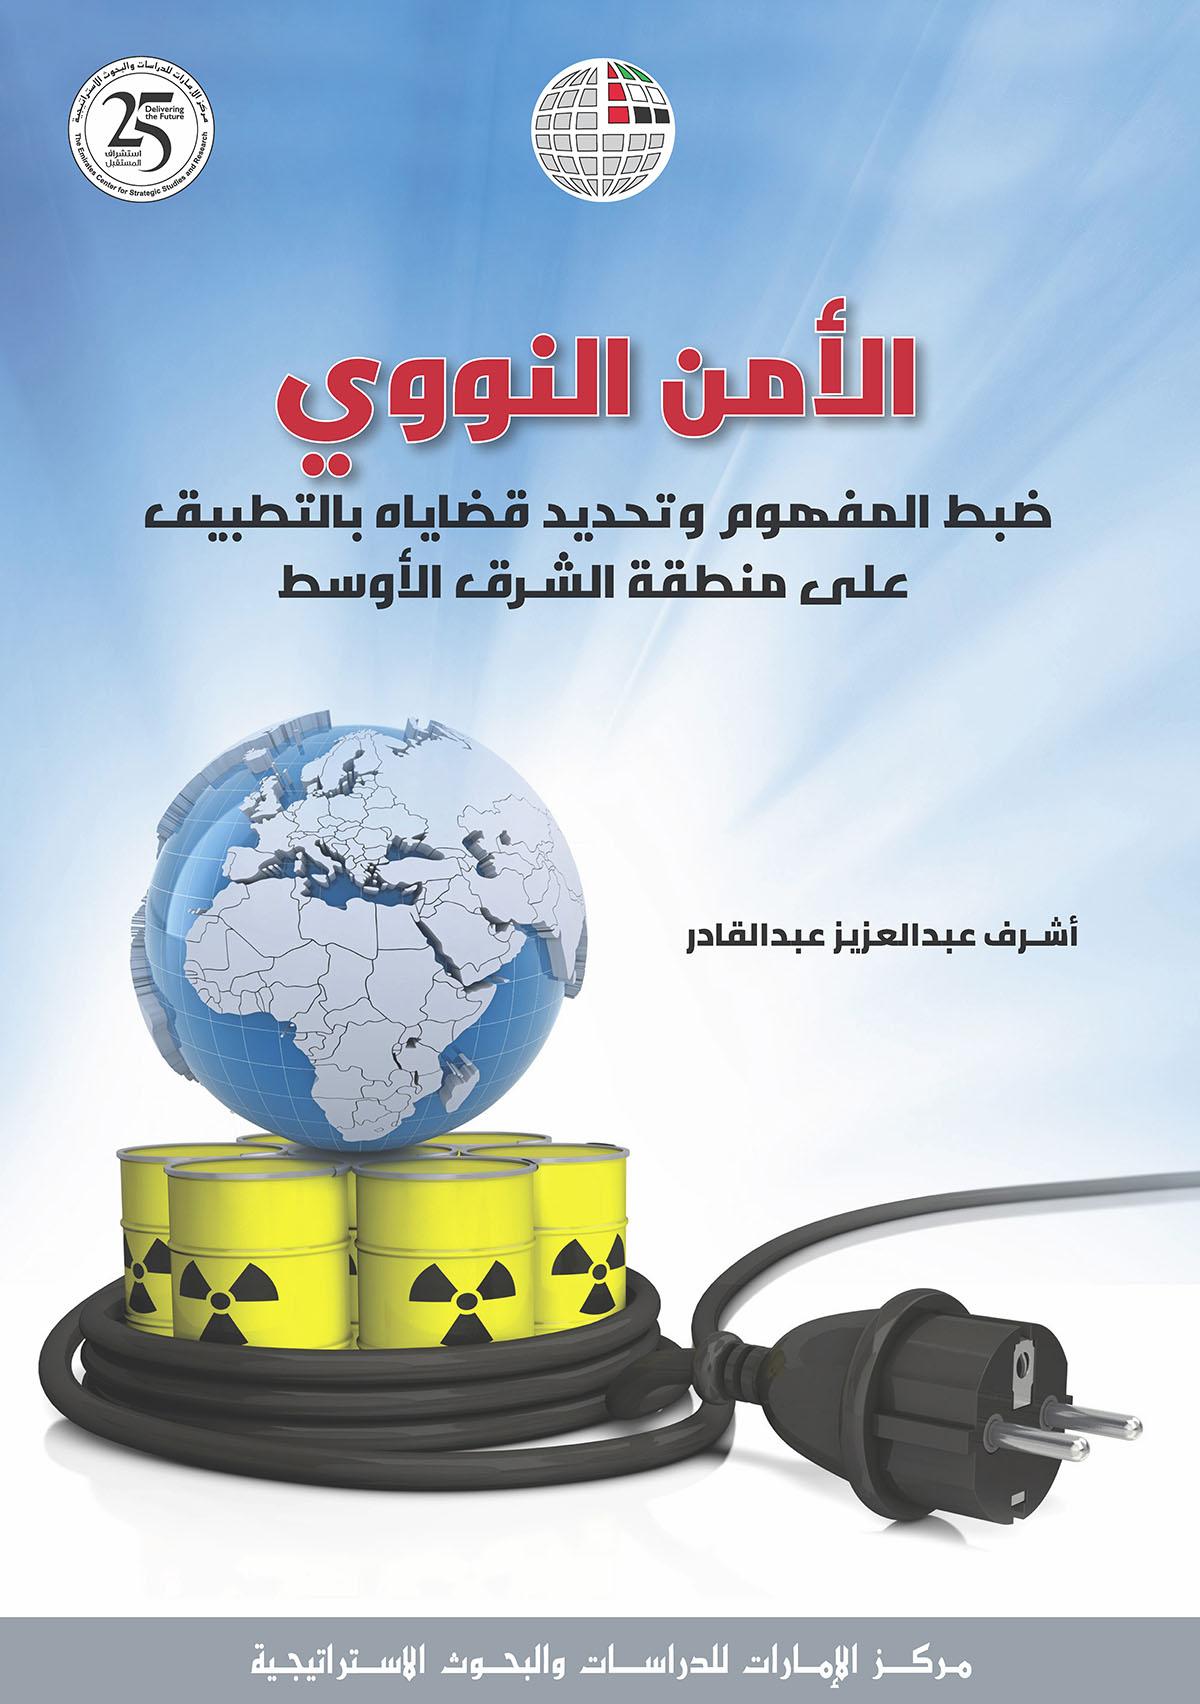 الأمن النووي، الأمن، الشرق الأوسط، المفهوم